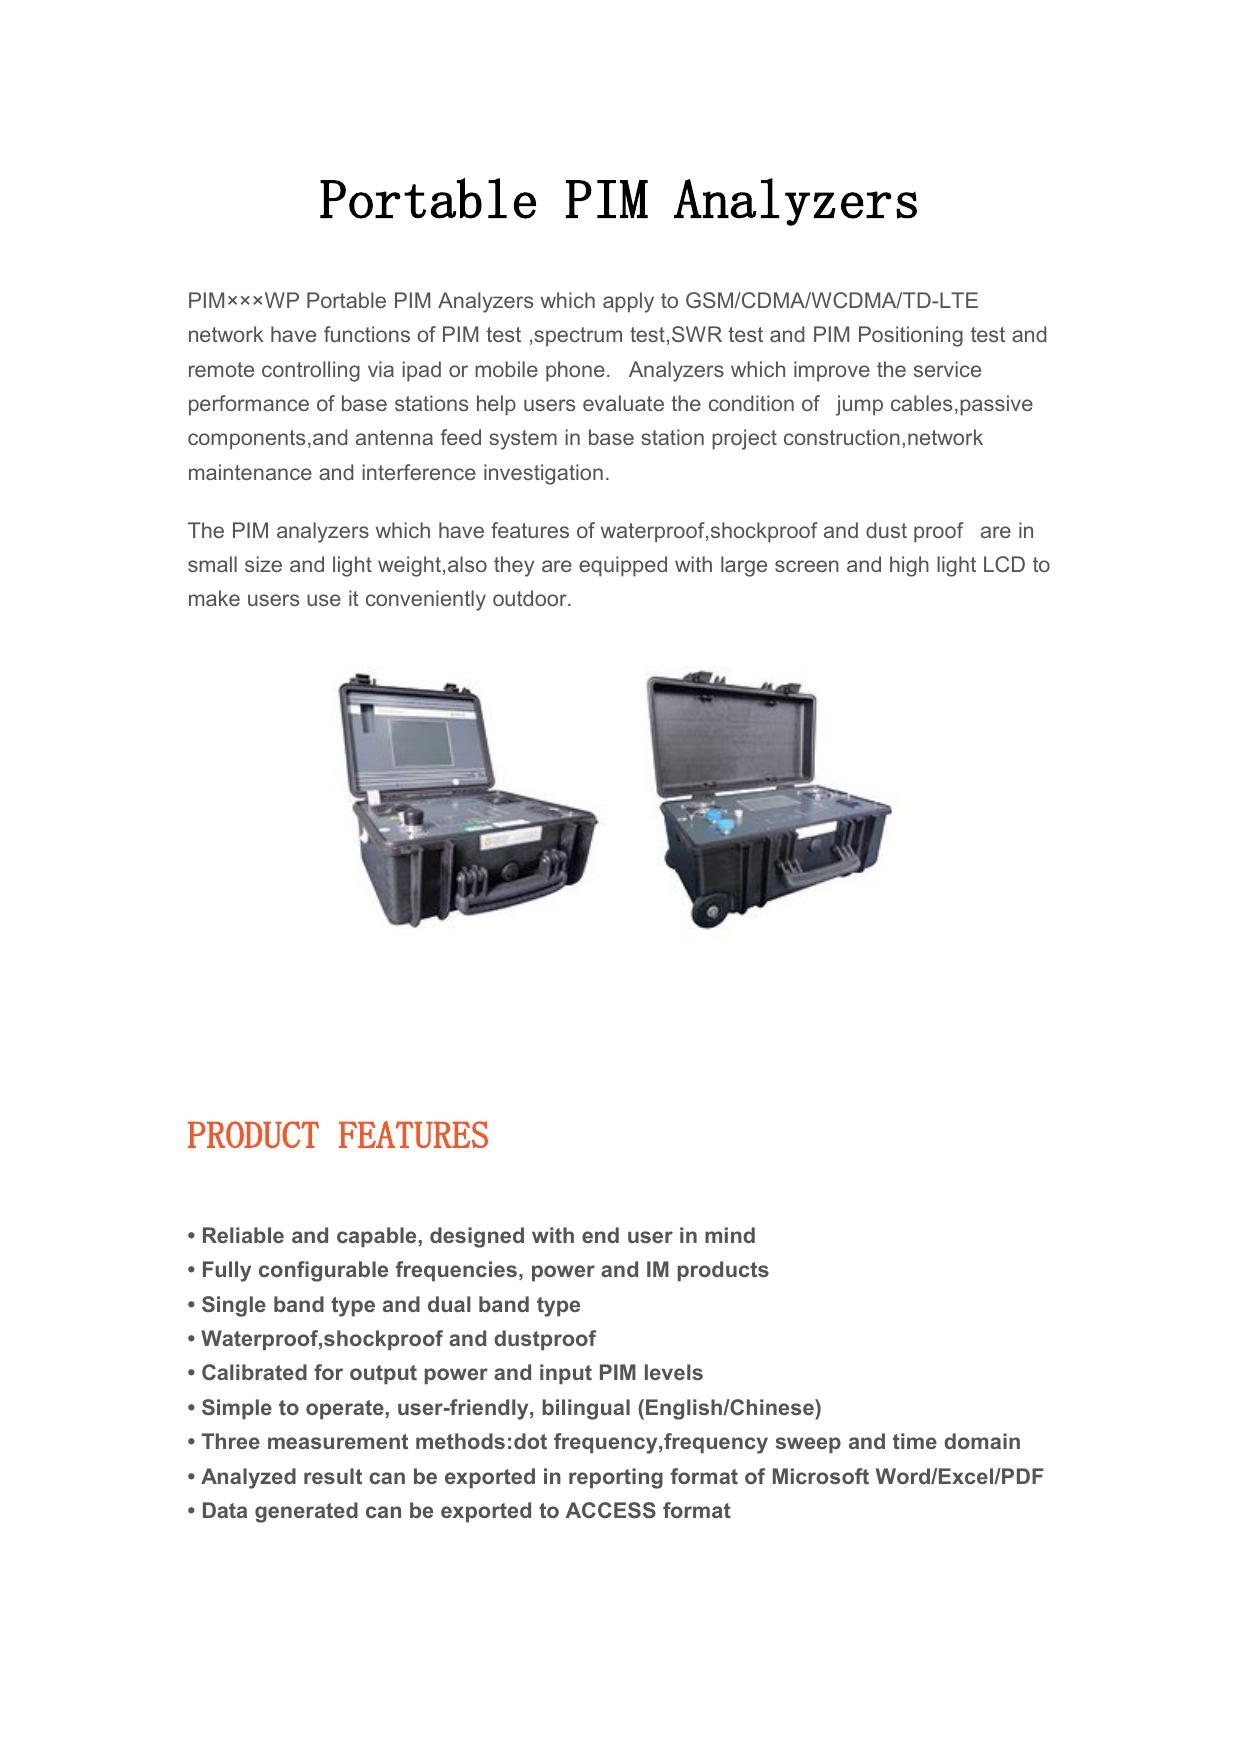 Portable PIM Analyzers | manualzz com